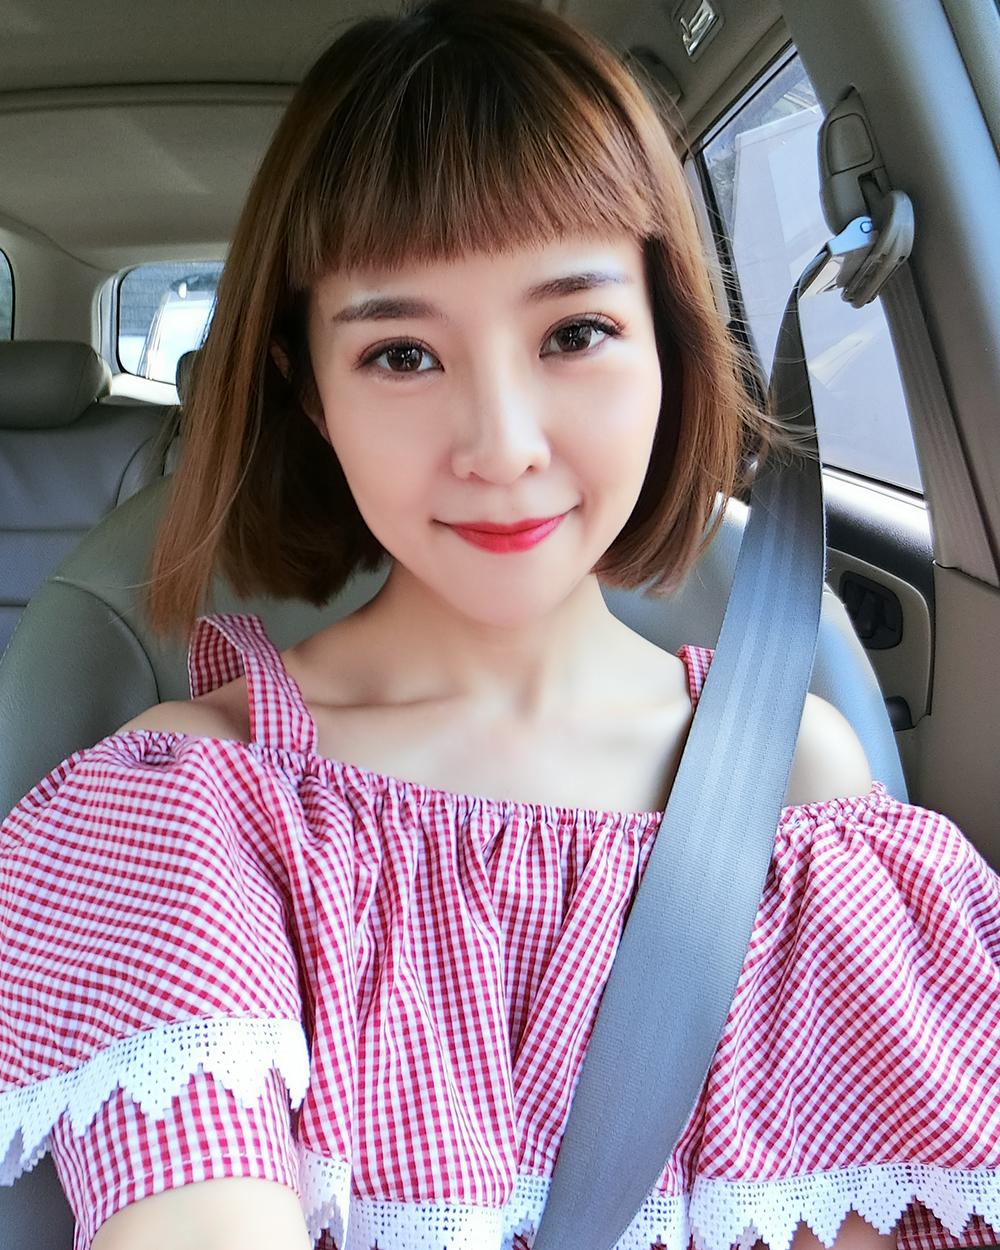 casioTR-M11-1 Xinyi Cyndi Soh TR Mini